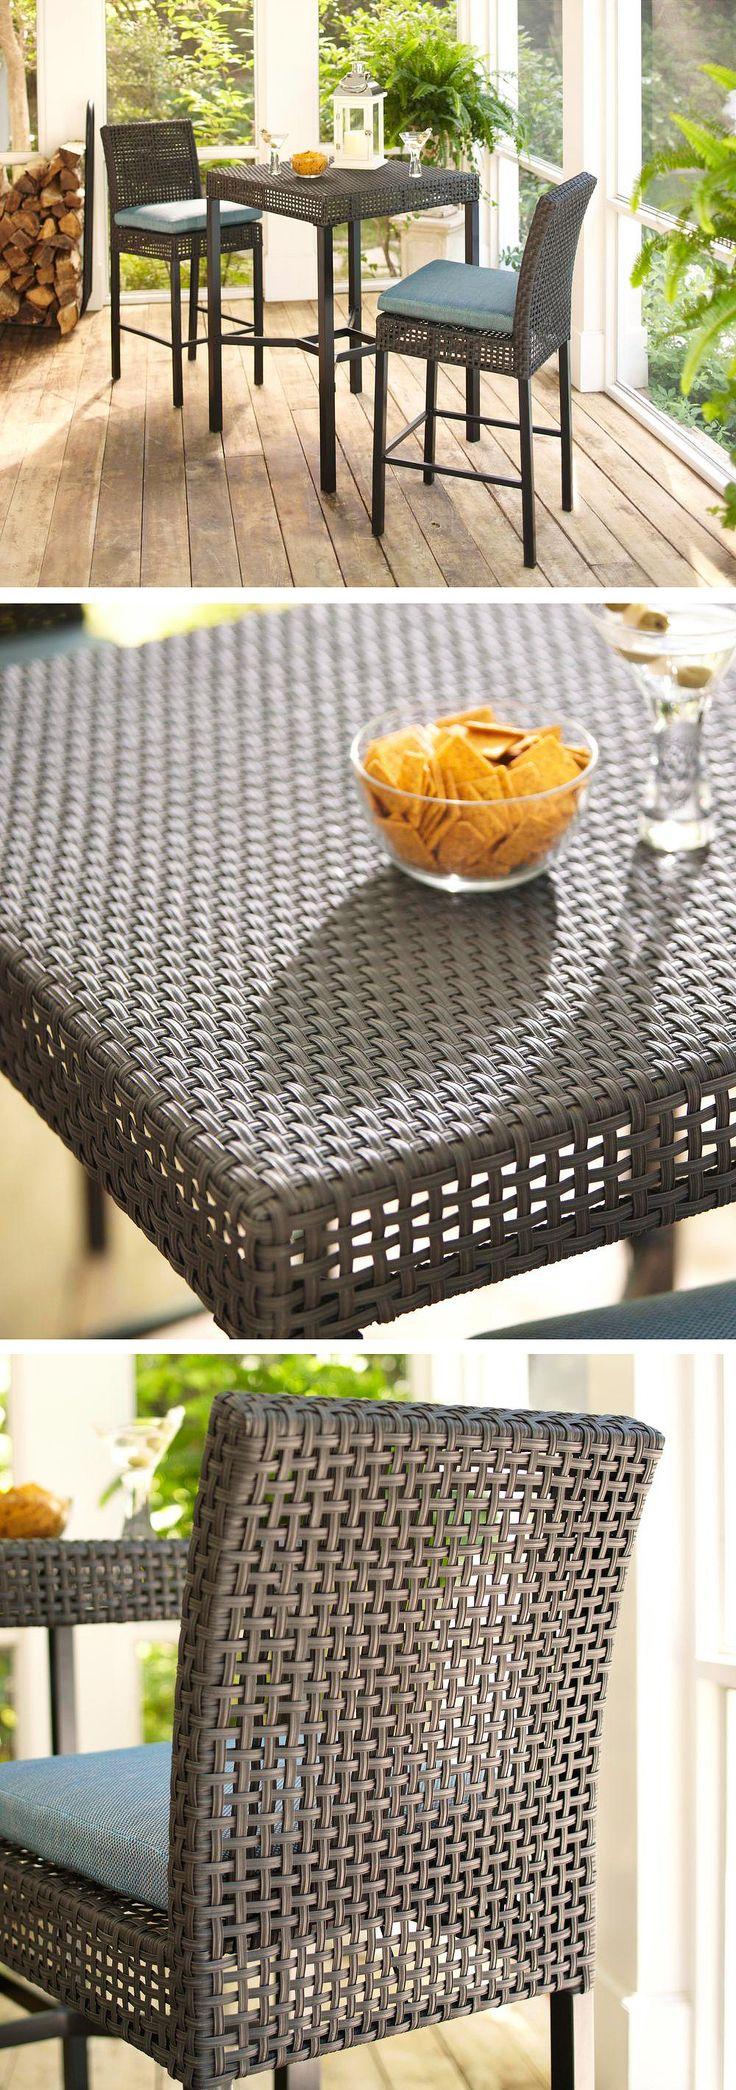 Hampton Bay Patio Furniture Warranty Canada: Hampton Bay Fenton 3-Piece Patio High Bar/Bistro Set With